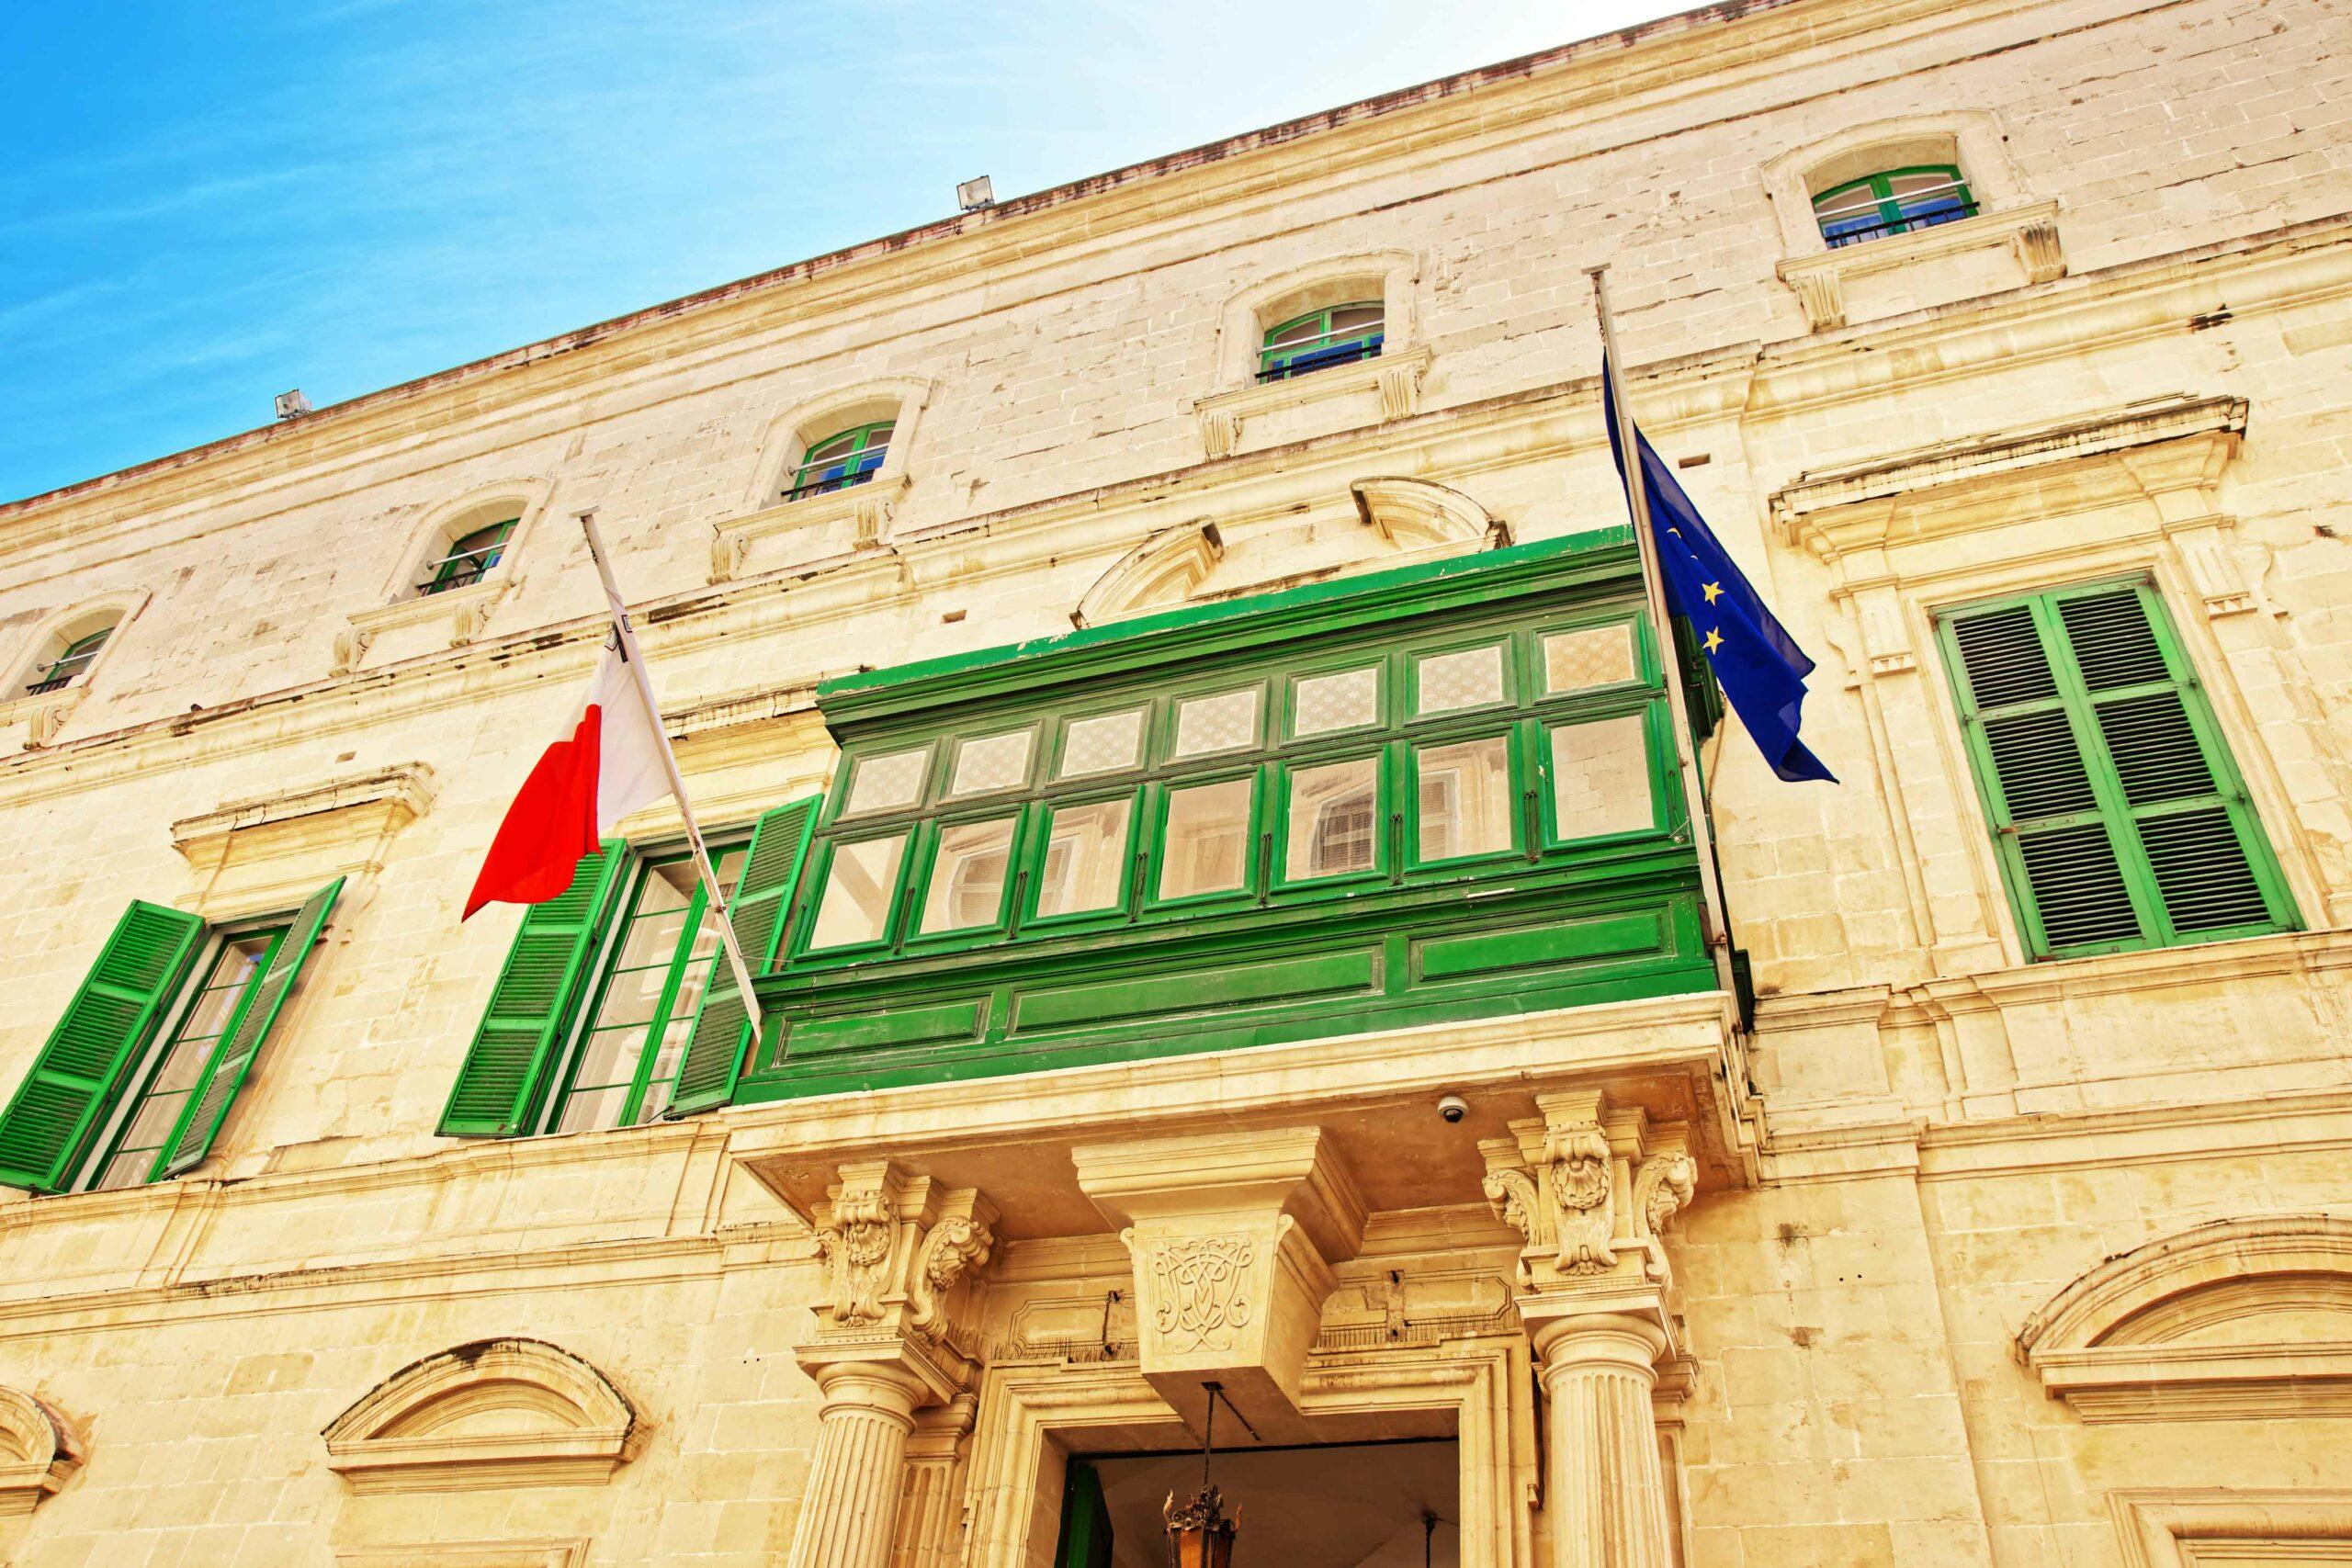 Canva---Green-Balcony-of-Palazzo-Parisio-in-Valletta